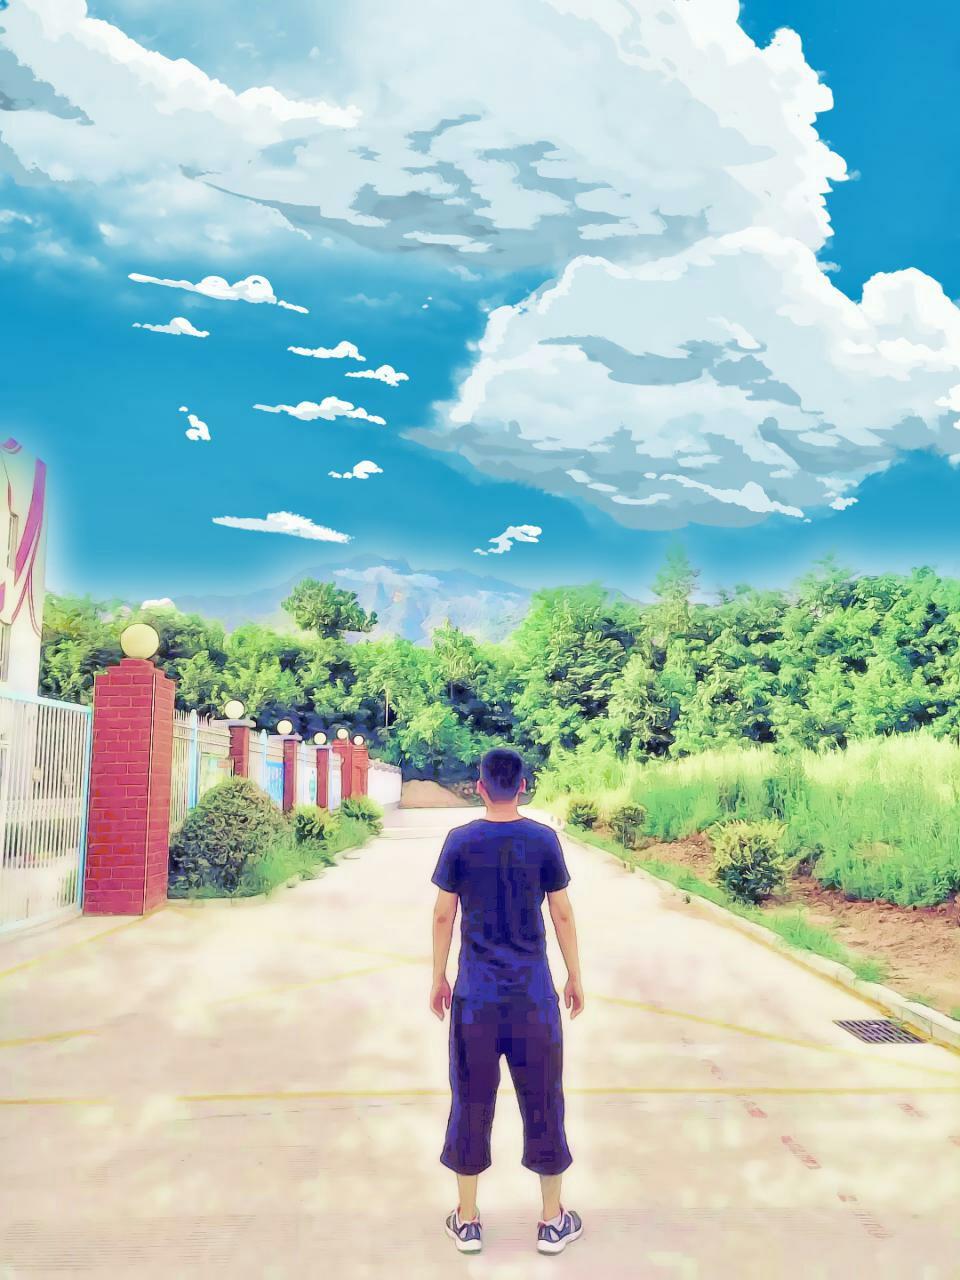 【旅行日记】你的名字:直播西安(未完待续)